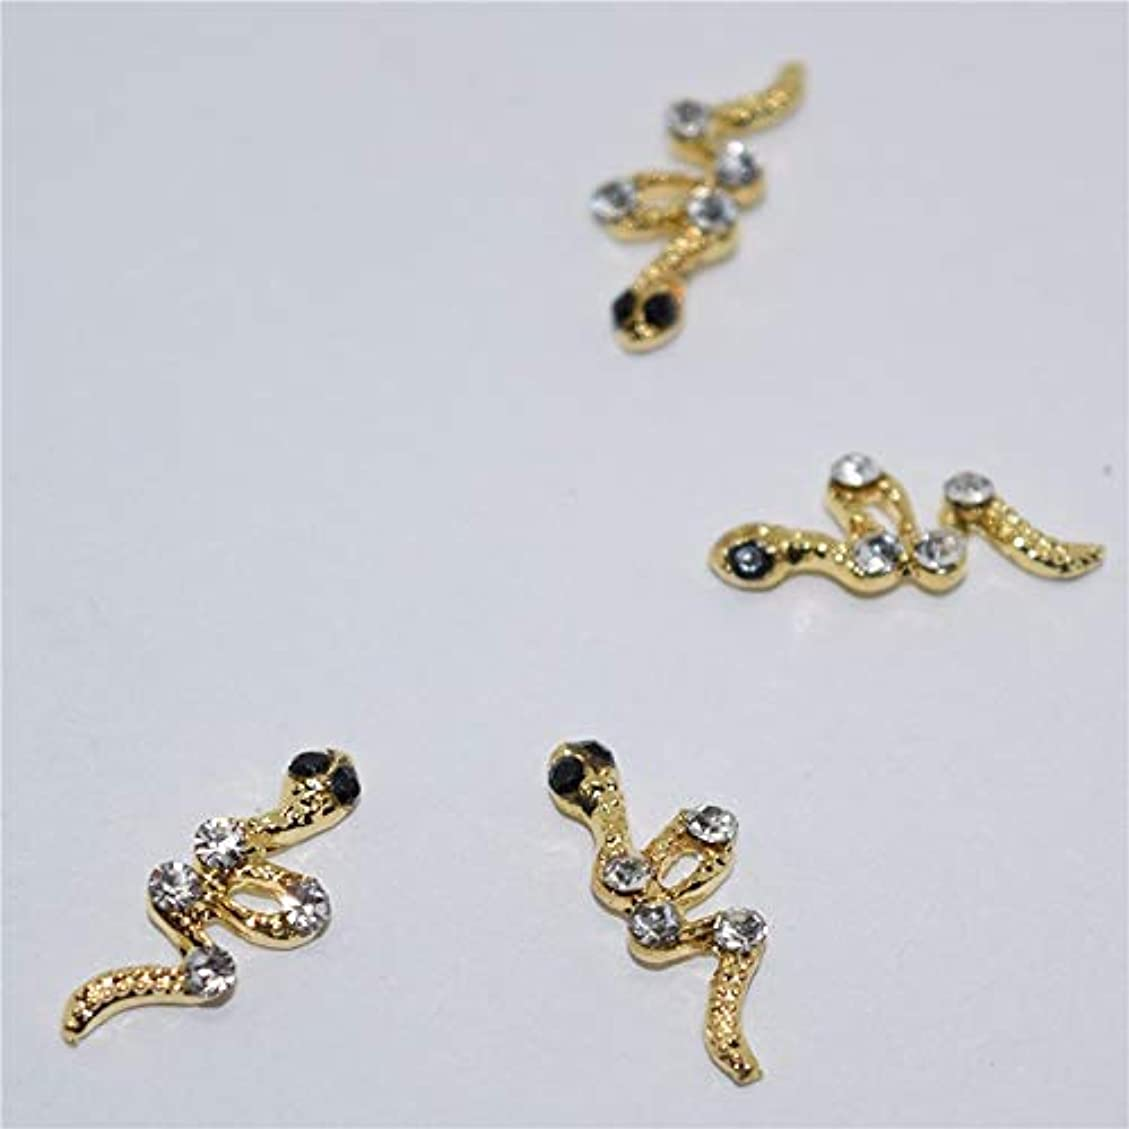 エール行方不明巧みな10個入りゴールデンスネーク動物の3Dネイルアートの装飾合金ネイルチャームネイルズラインストーンネイル用品